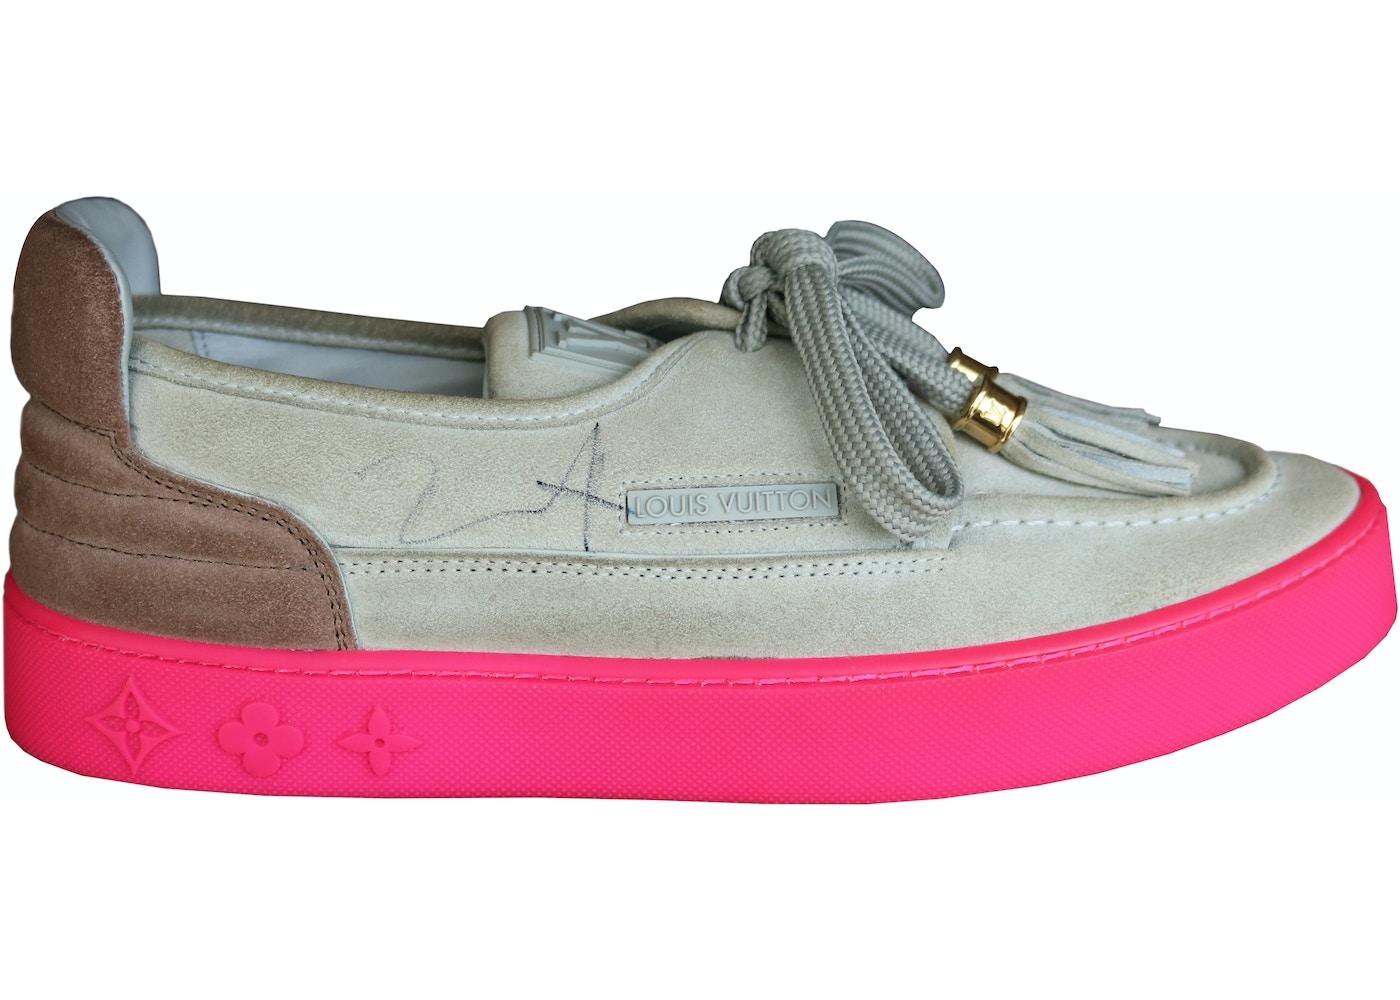 463901cd8e8 Louis Vuitton Mr. Hudson Kanye Grey Pink (Signed) - YP6U8PSC